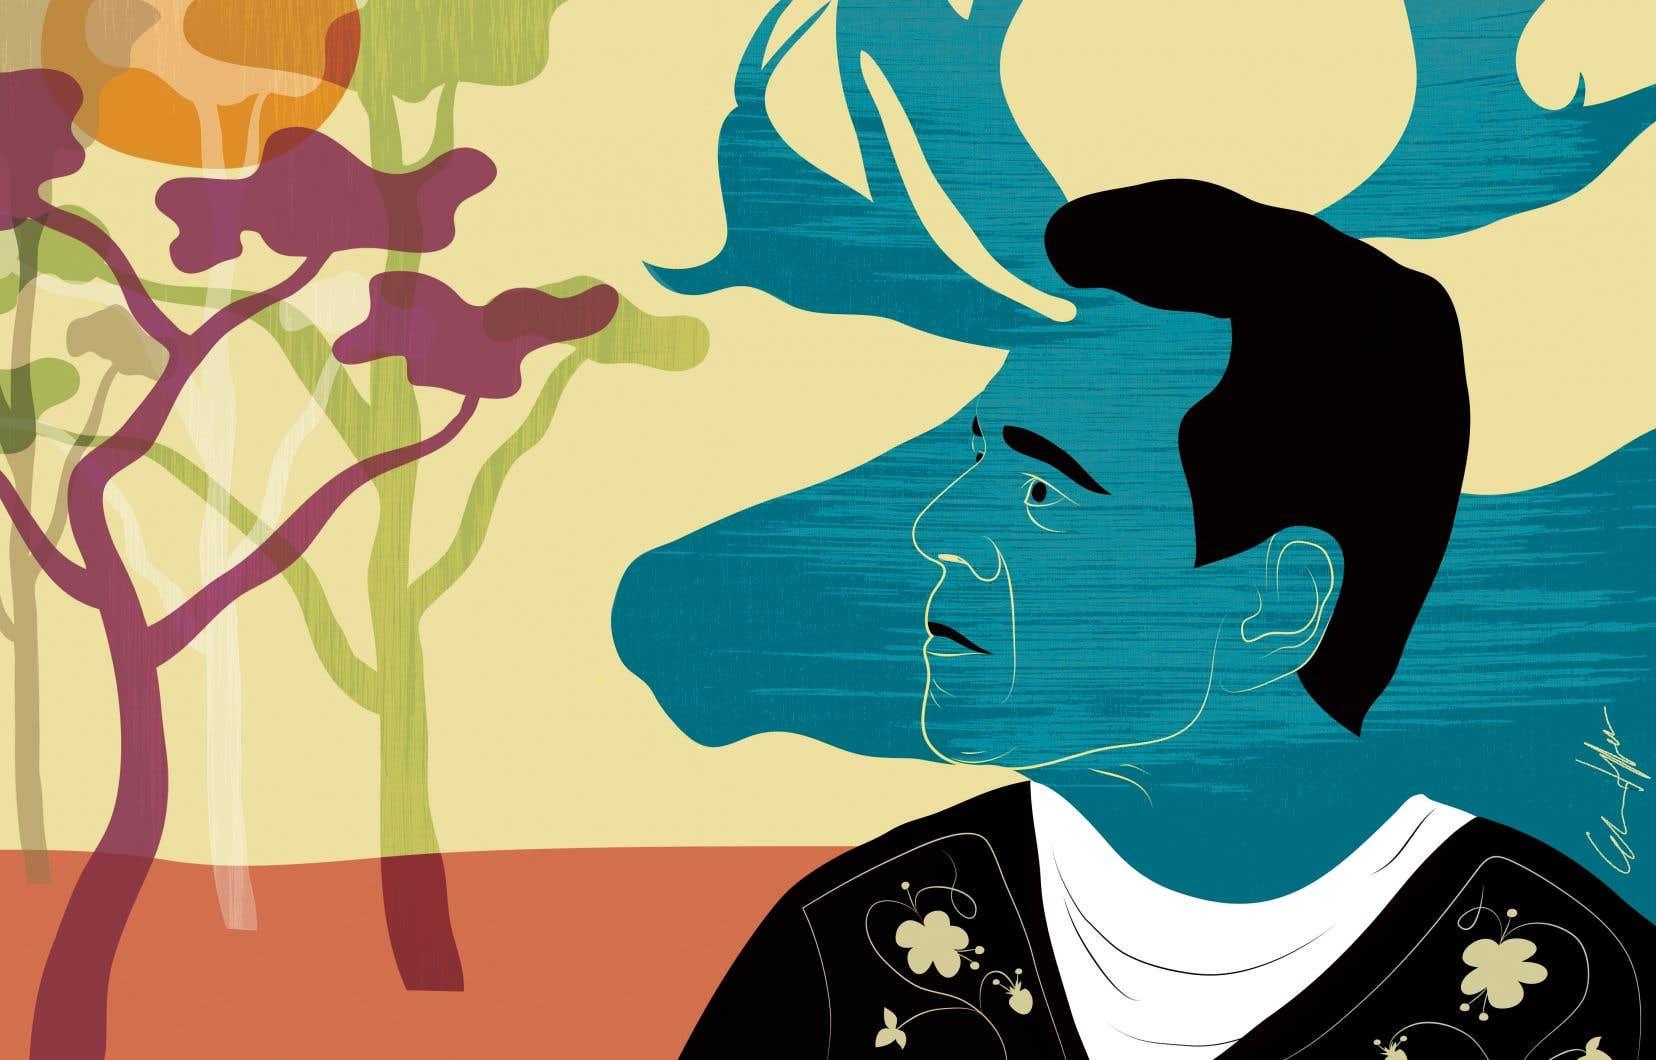 Le discours «écologiste» du penseur mohawk originaire de Kahnawake se distingue, car il repose sur l'importance primordiale de changer la perception que les individus ont d'eux-mêmes.